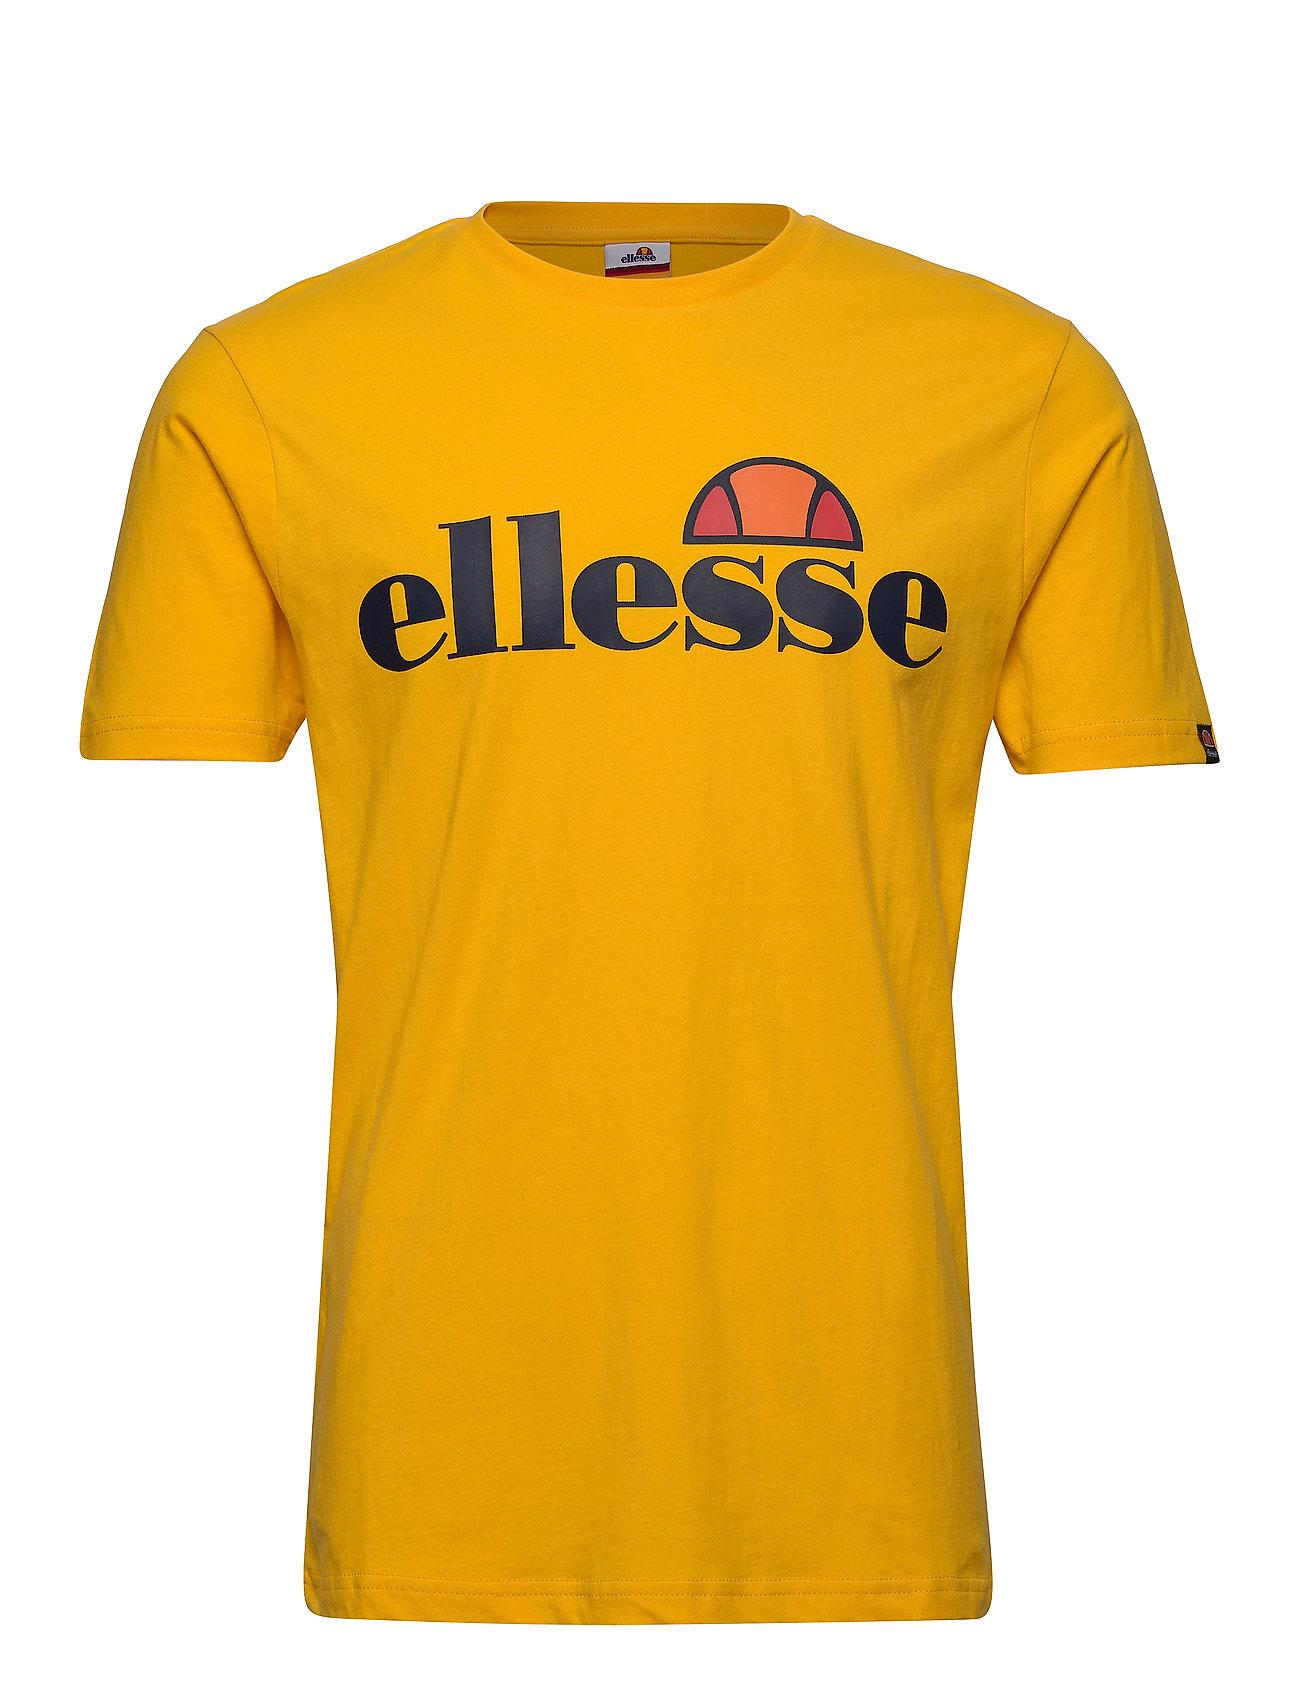 Ellesse EL SL PRADO TEE - YELLOW